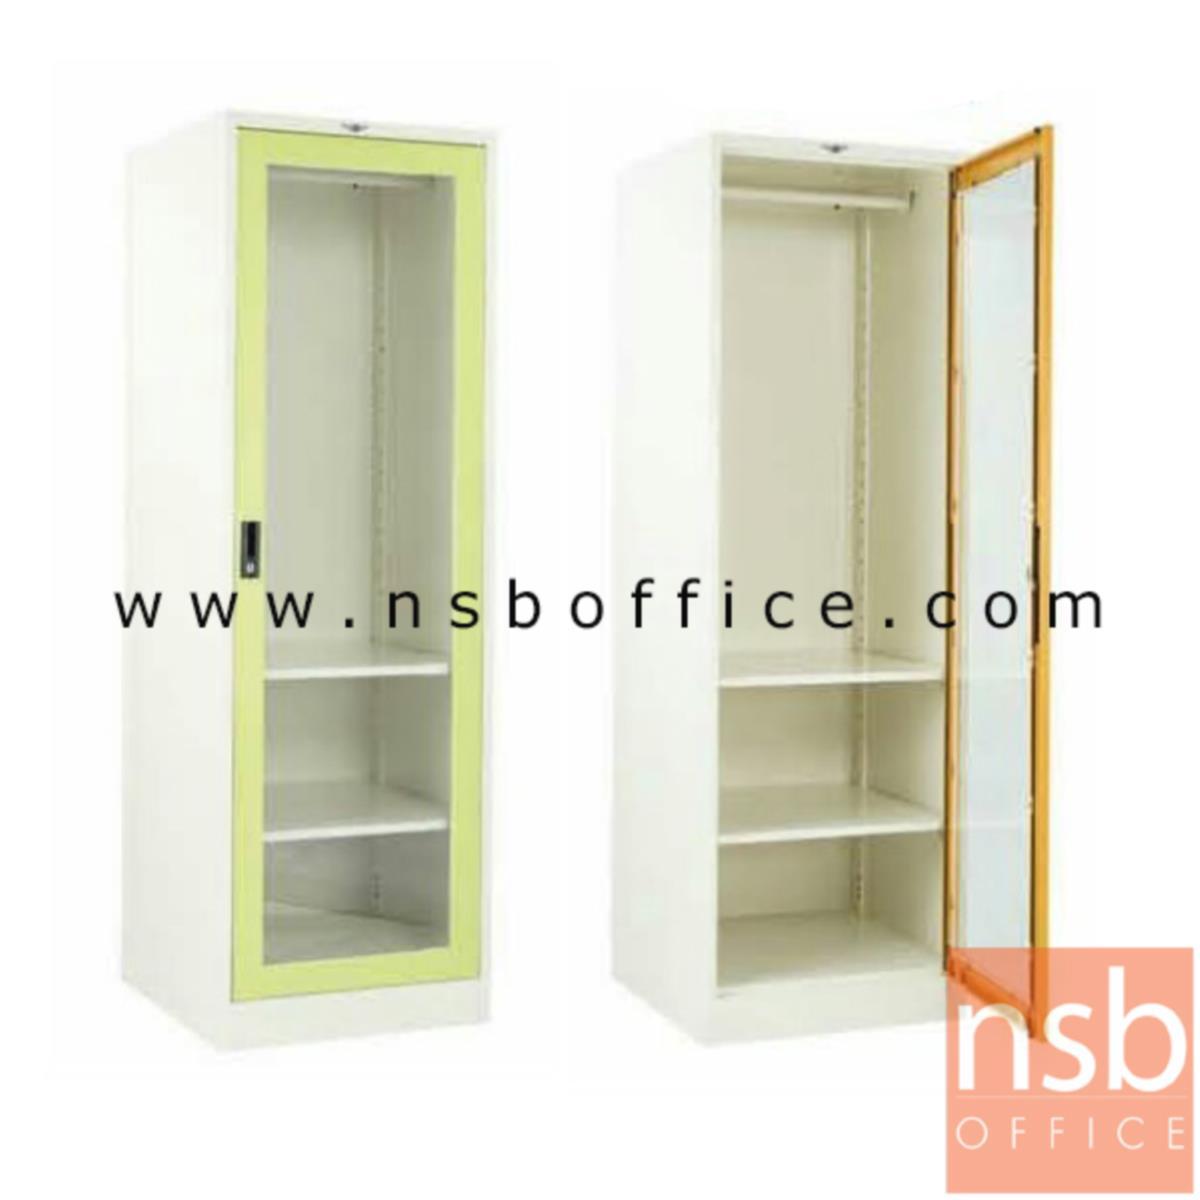 ตู้เสื้อผ้าเหล็ก 1 บานกระจก ขนาด 60W cm. รุ่น Blair (แบลร์)